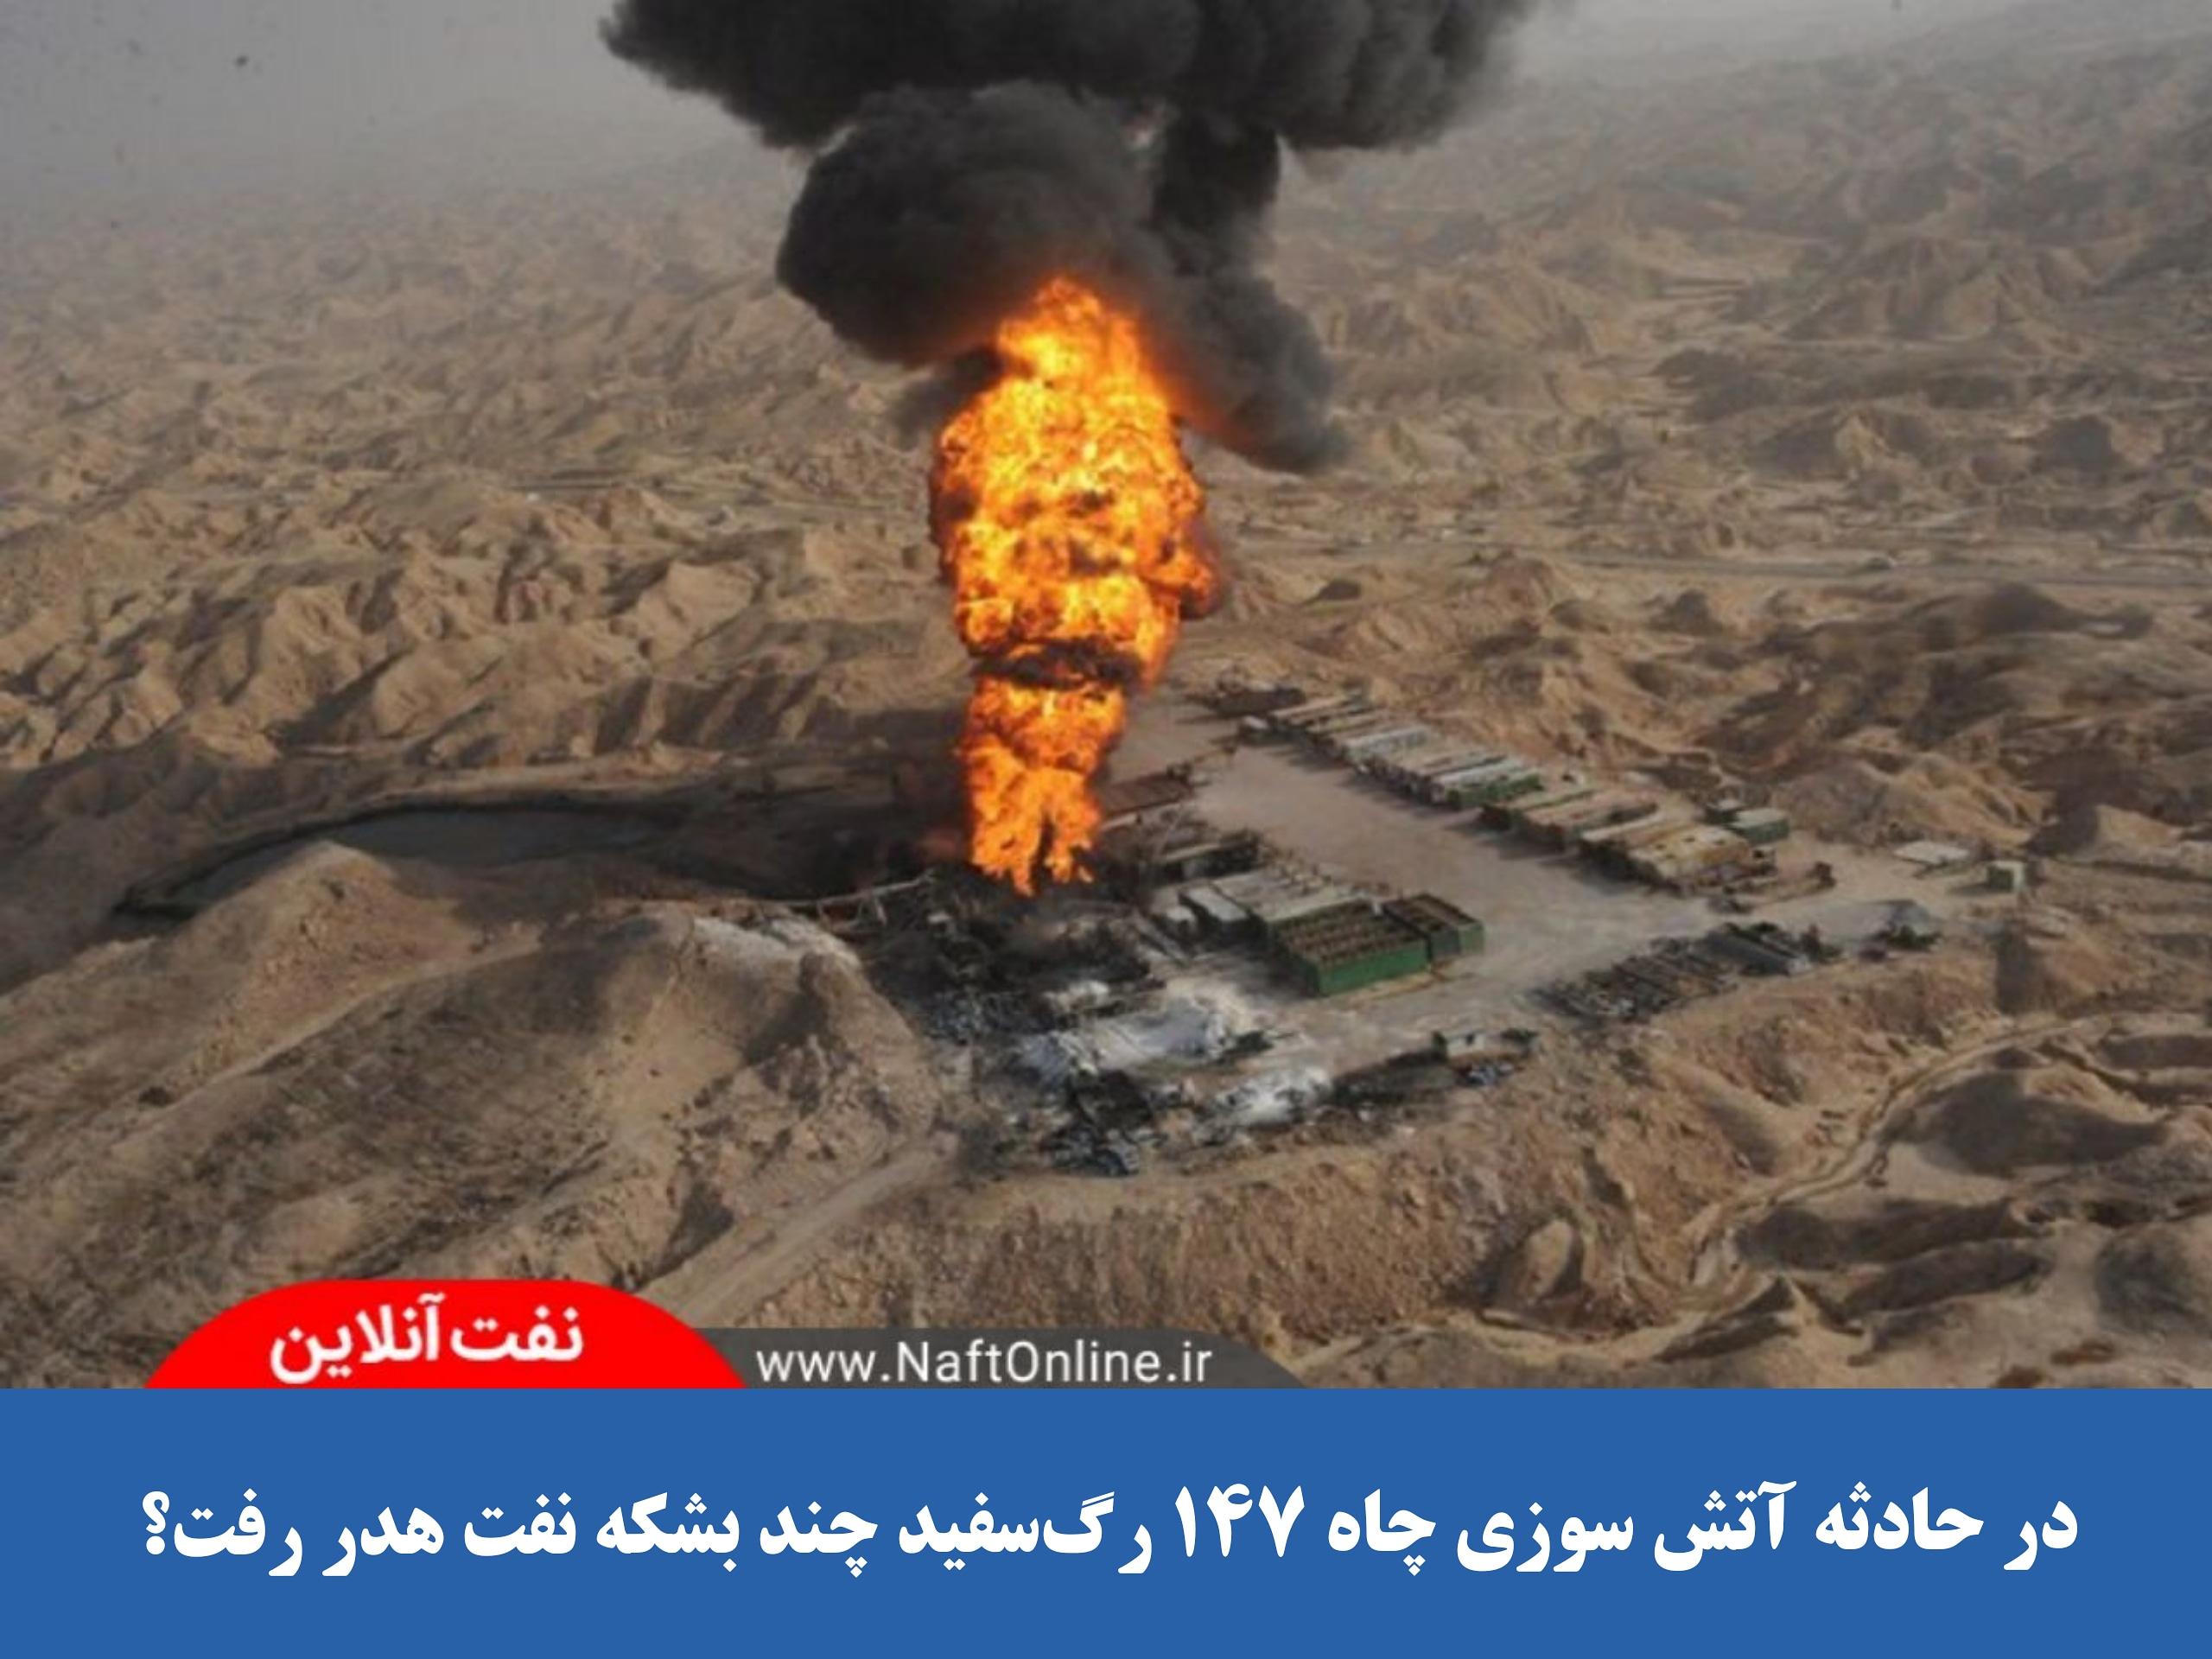 در حادثه آتش سوزی چاه ۱۴۷ رگسفید چند بشکه نفت هدر رفت؟